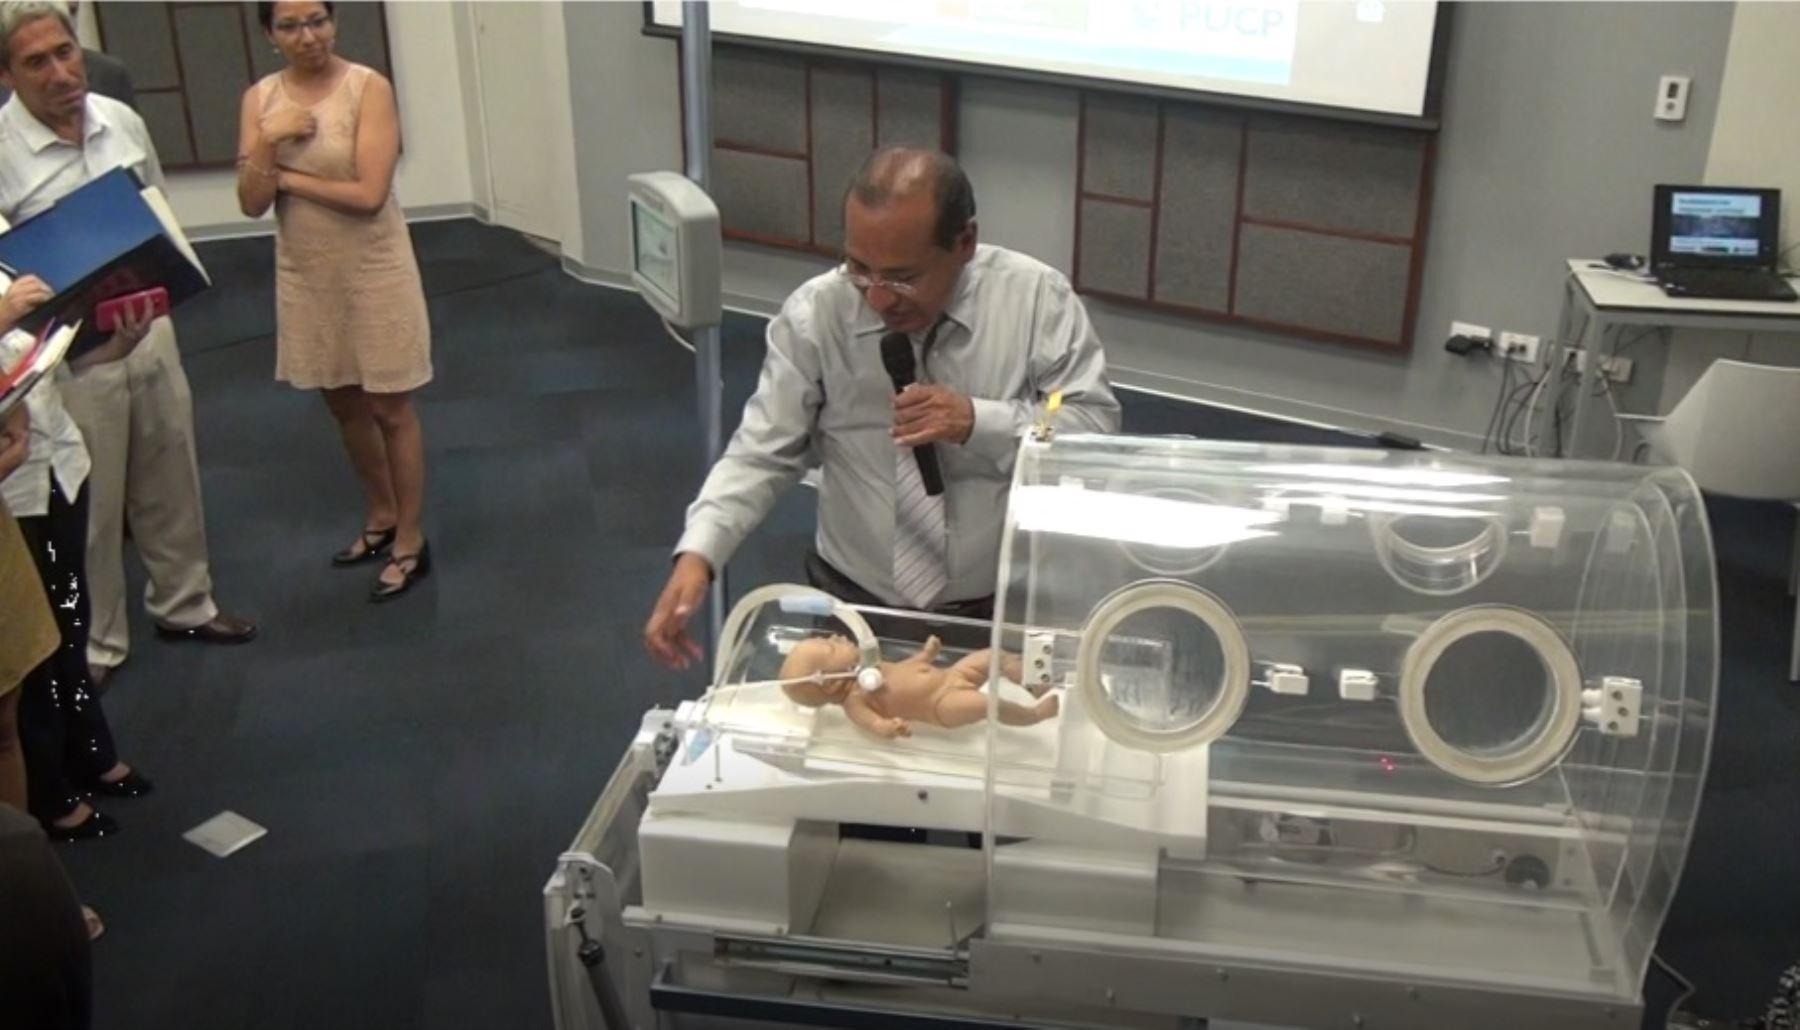 Equipo de última tecnología contribuirá a salvar la vida de recién nacidos de alto riesgo en las zonas más alejadas del país. Foto: Difusión